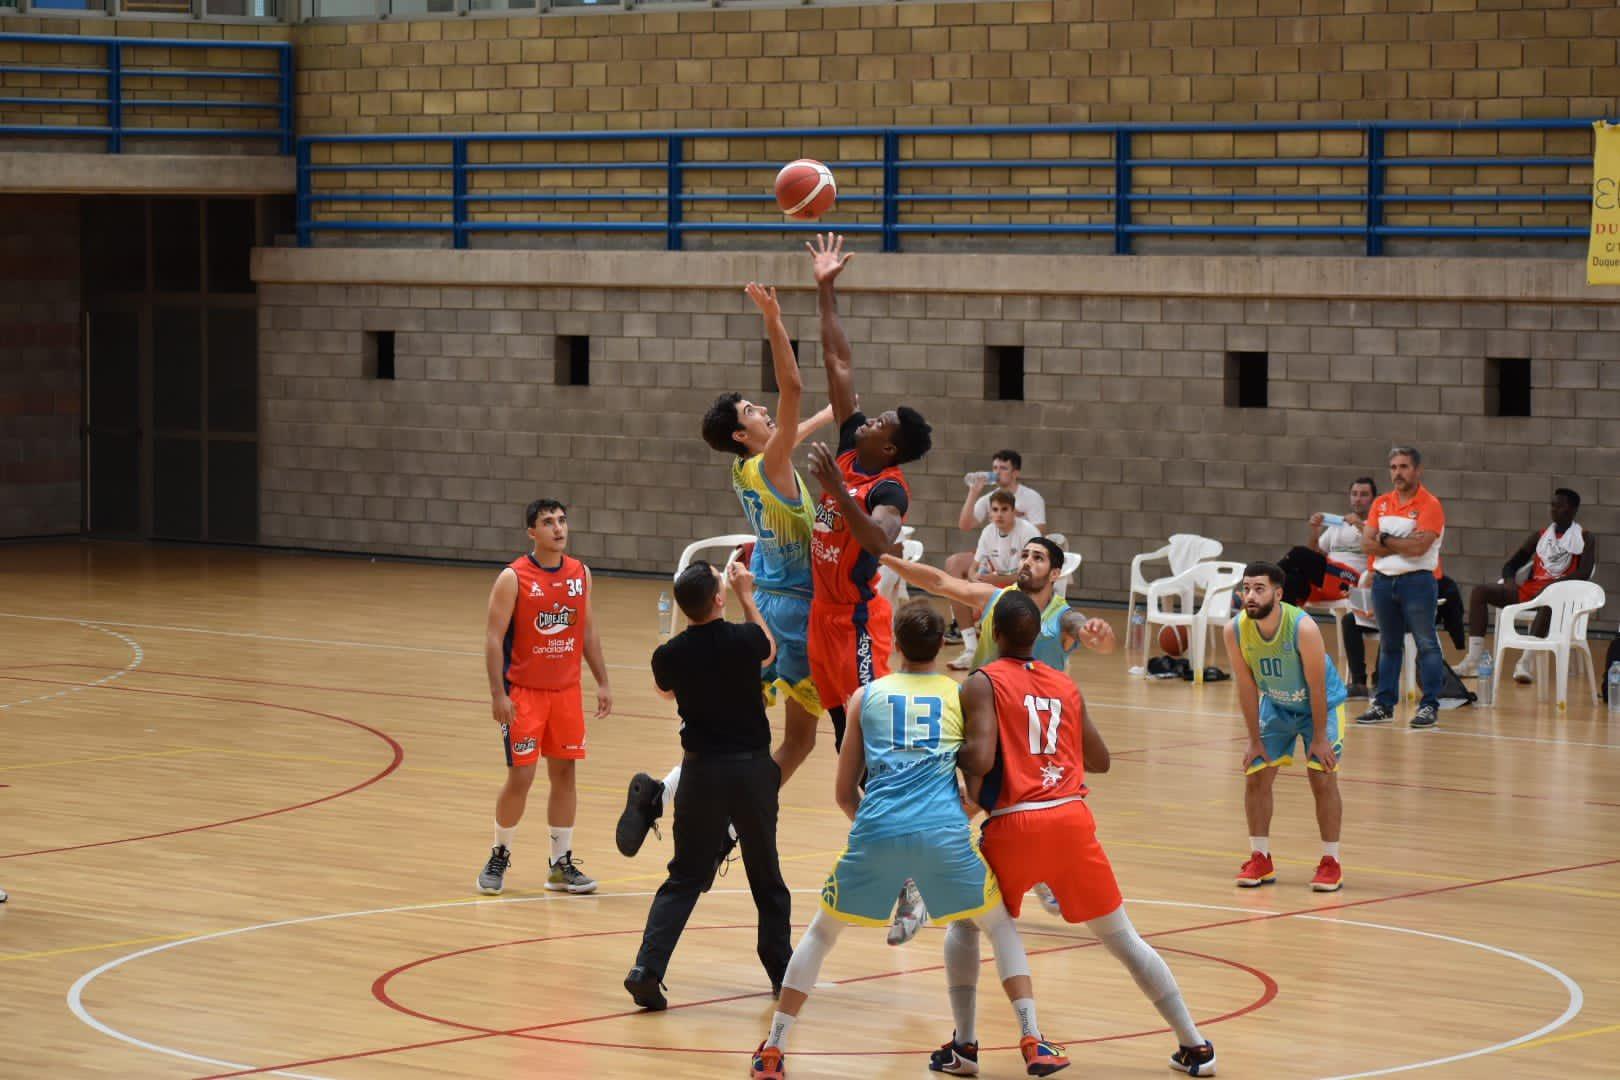 Conejeros y Agüimes jugarán la fase por evitar el descenso frente a Tobarra, Boadilla, Guadalajara, Pozuelo, Distrito Olímpico y Daimiel